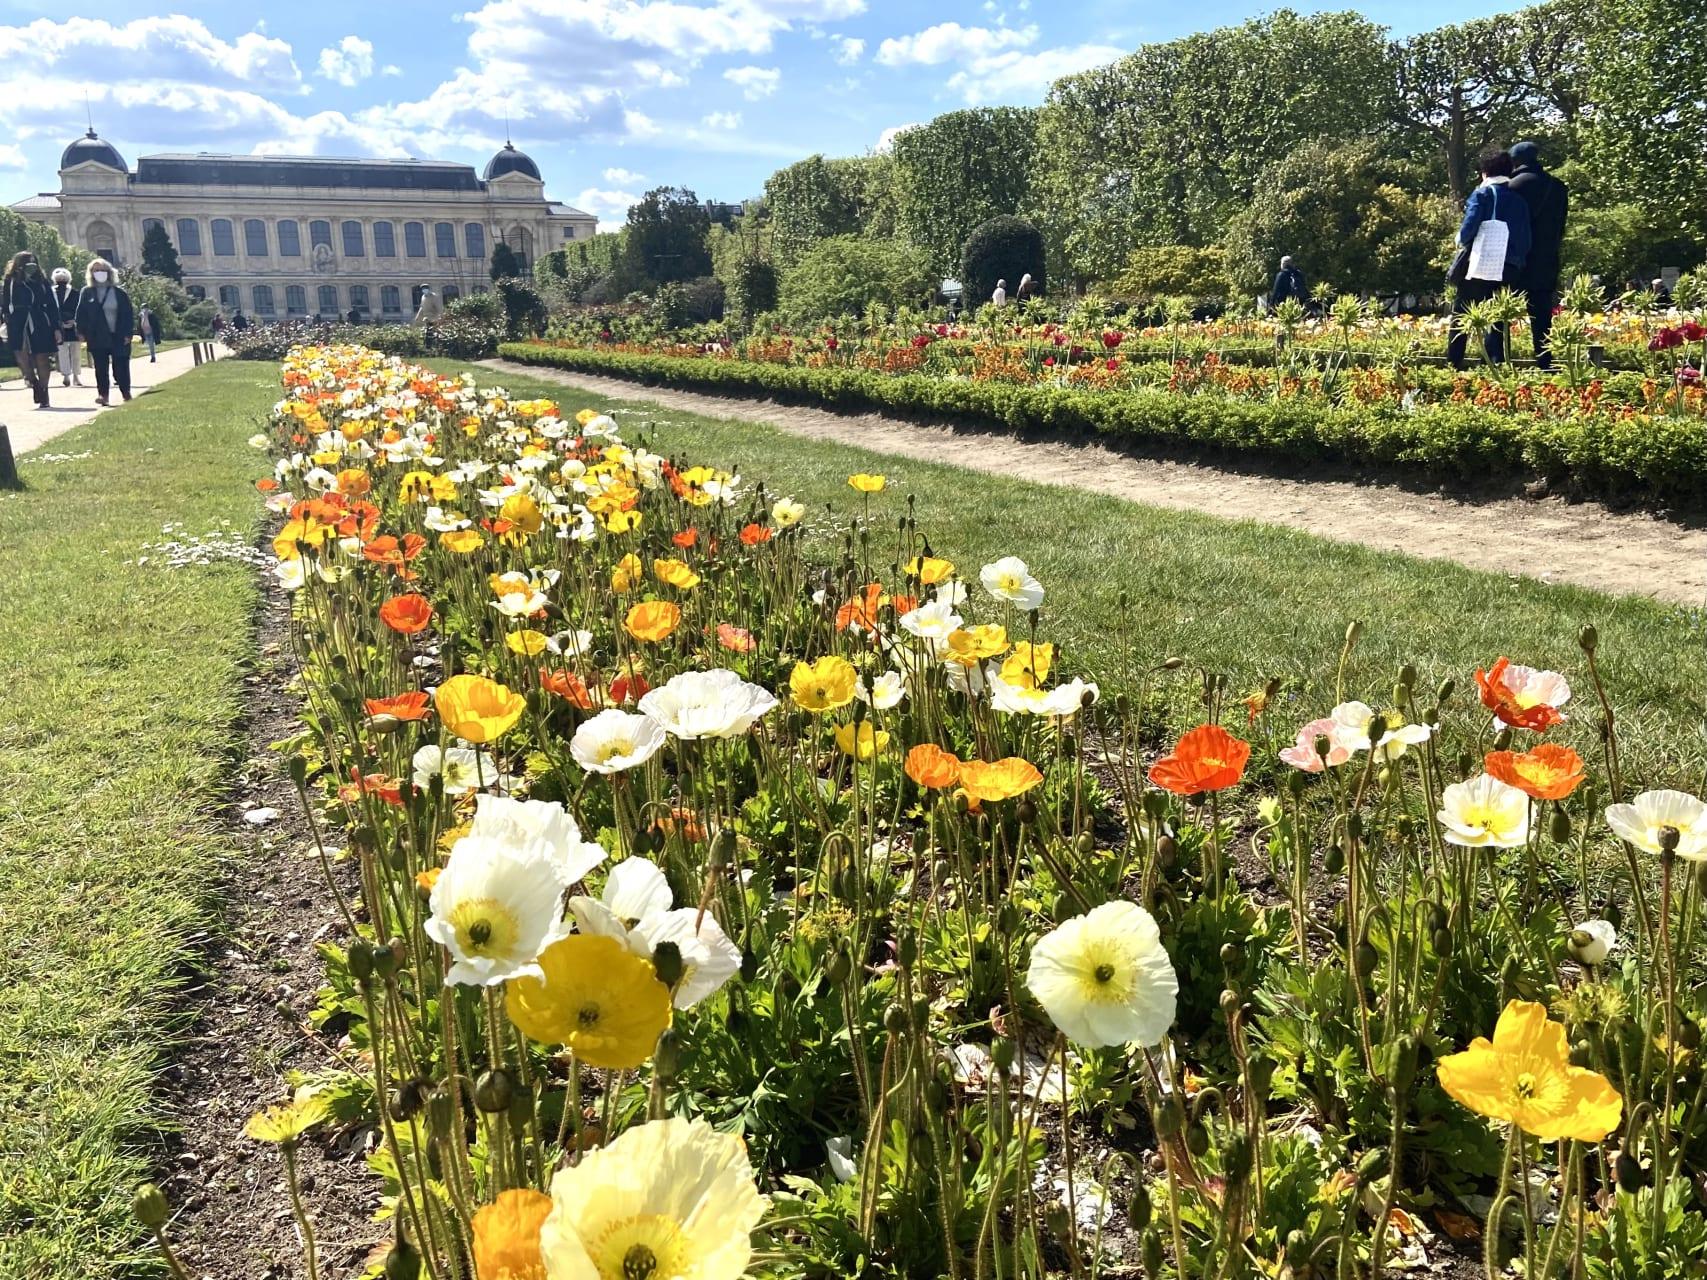 Paris - The Botanical Garden of Paris